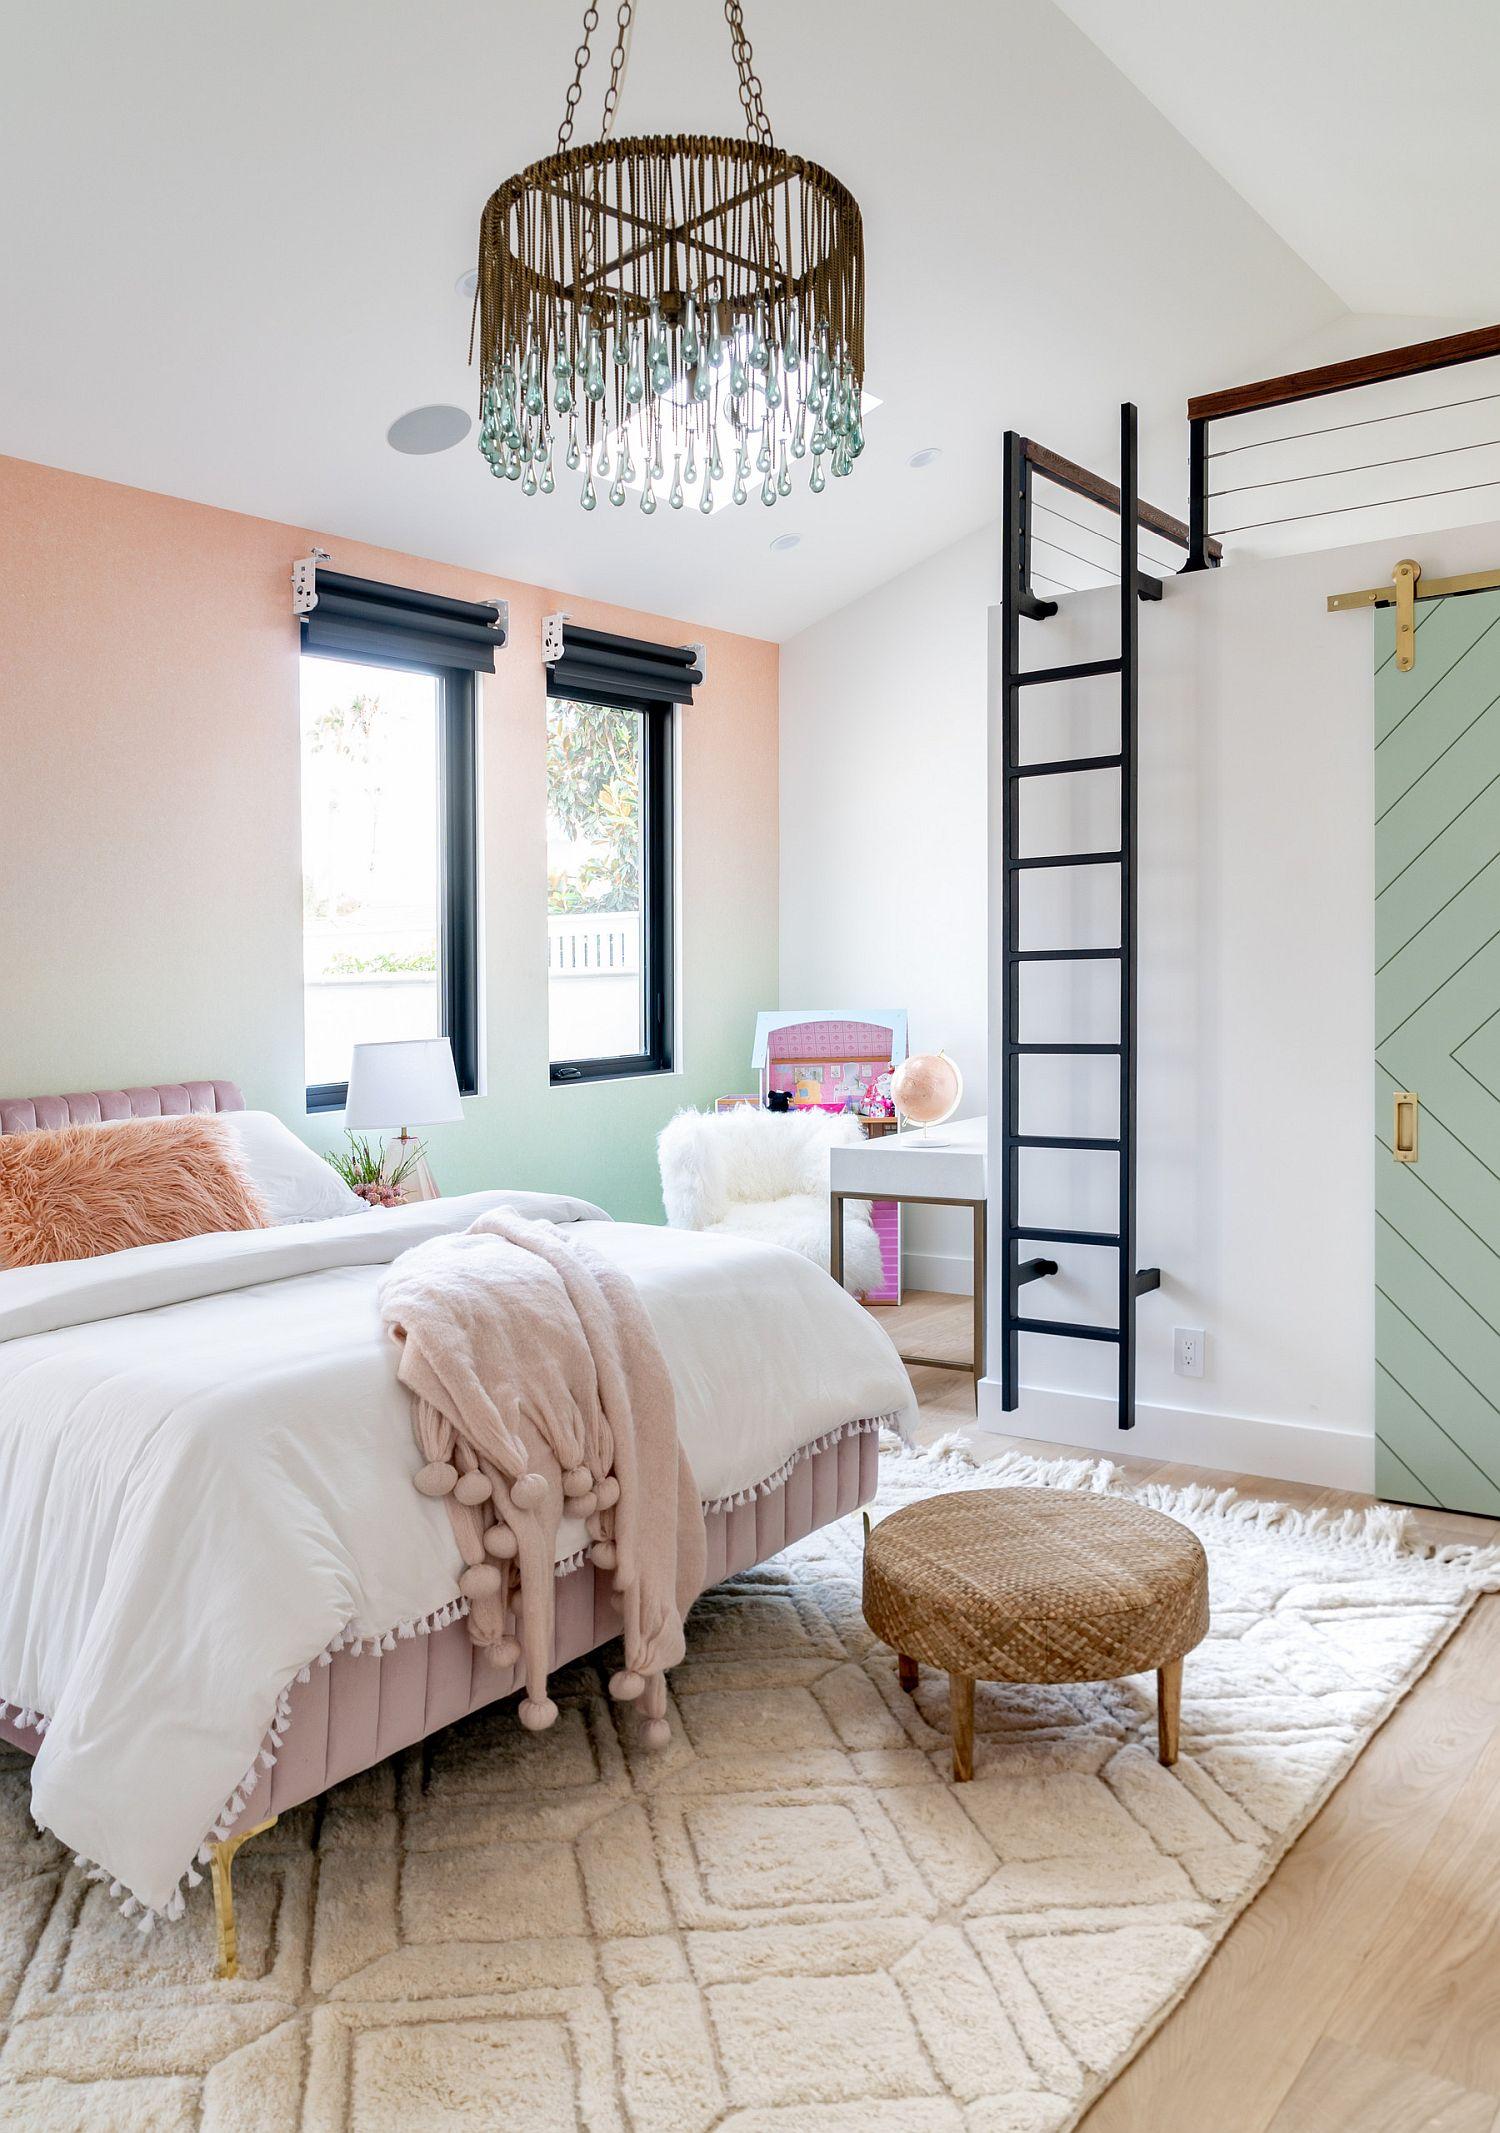 Lovely girls' bedroom in pastel hues feels elegant and modern